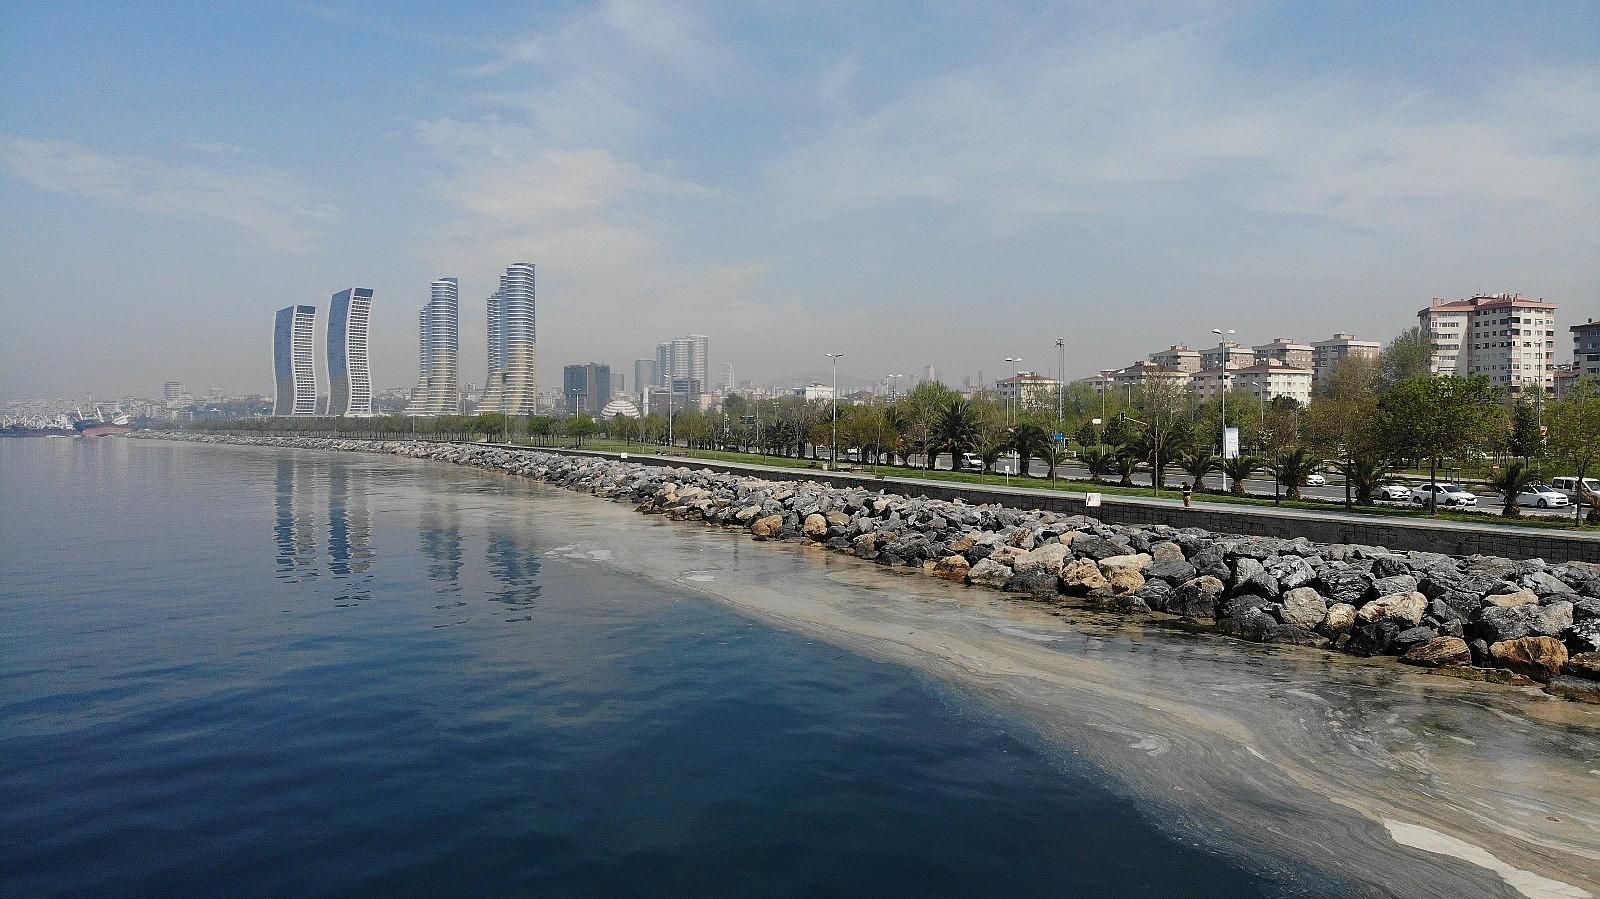 2021/05/deniz-salyasi-istilasi-pendik-sahillerine-kadar-geldi-20210430AW30-5.jpg